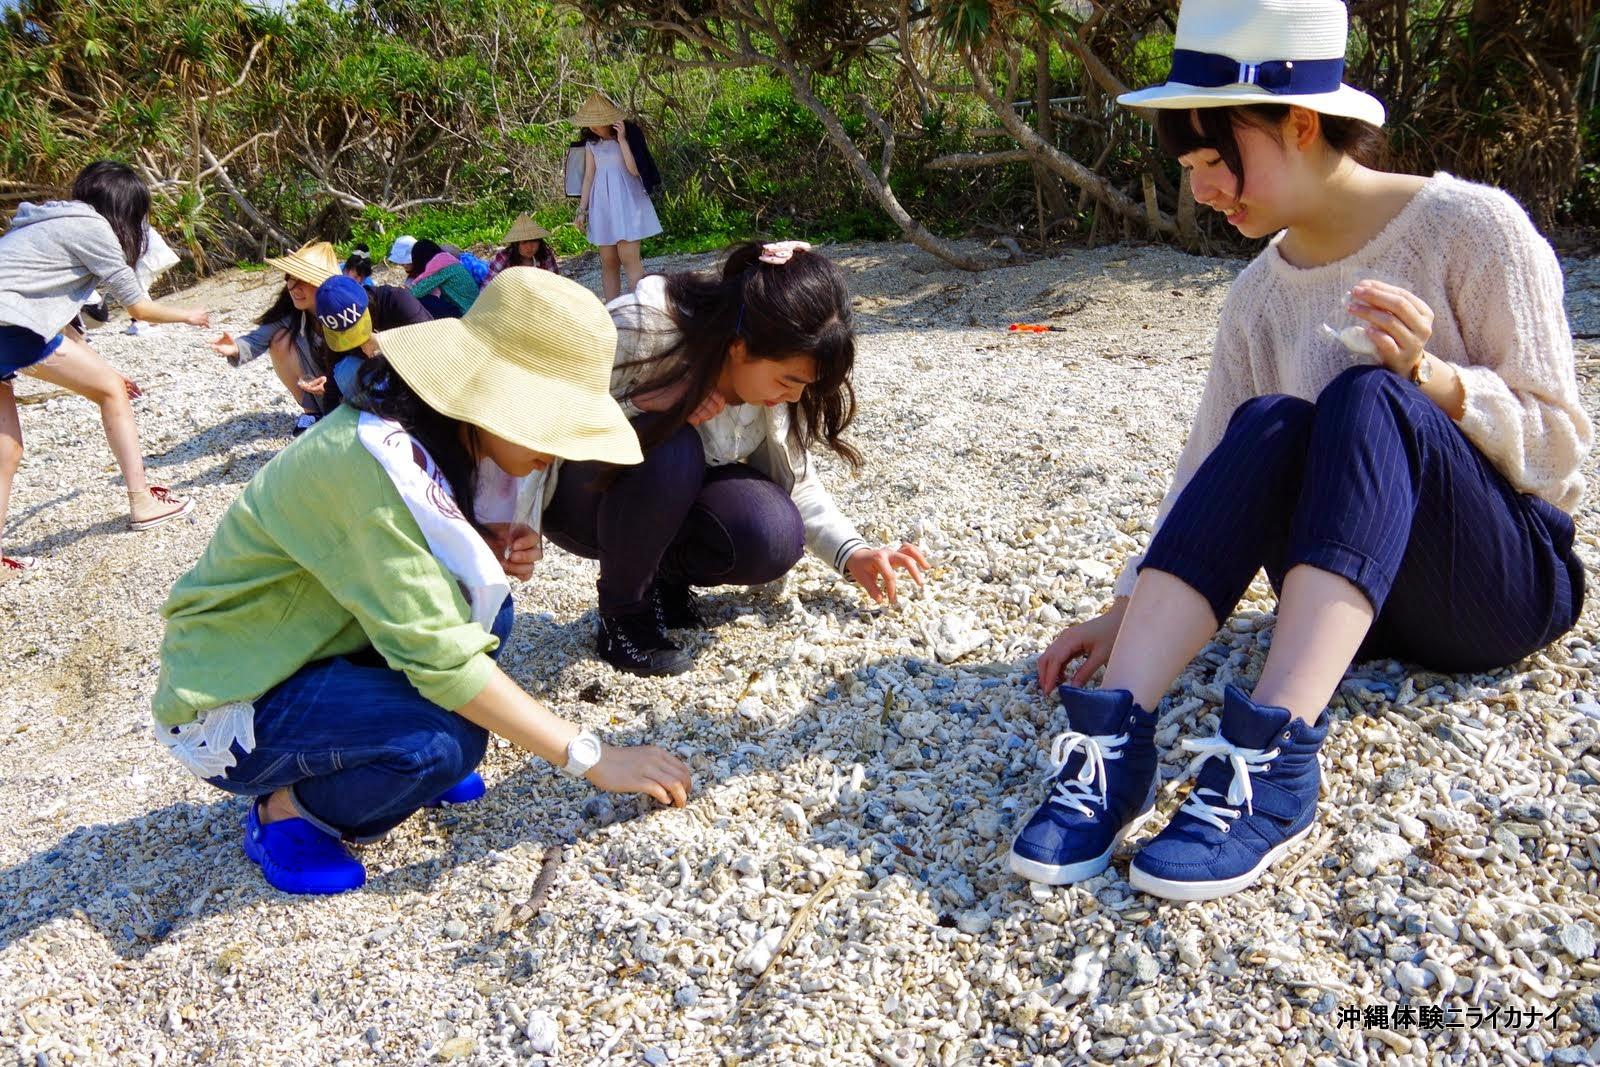 沖縄体験/観光ビーチコーミング